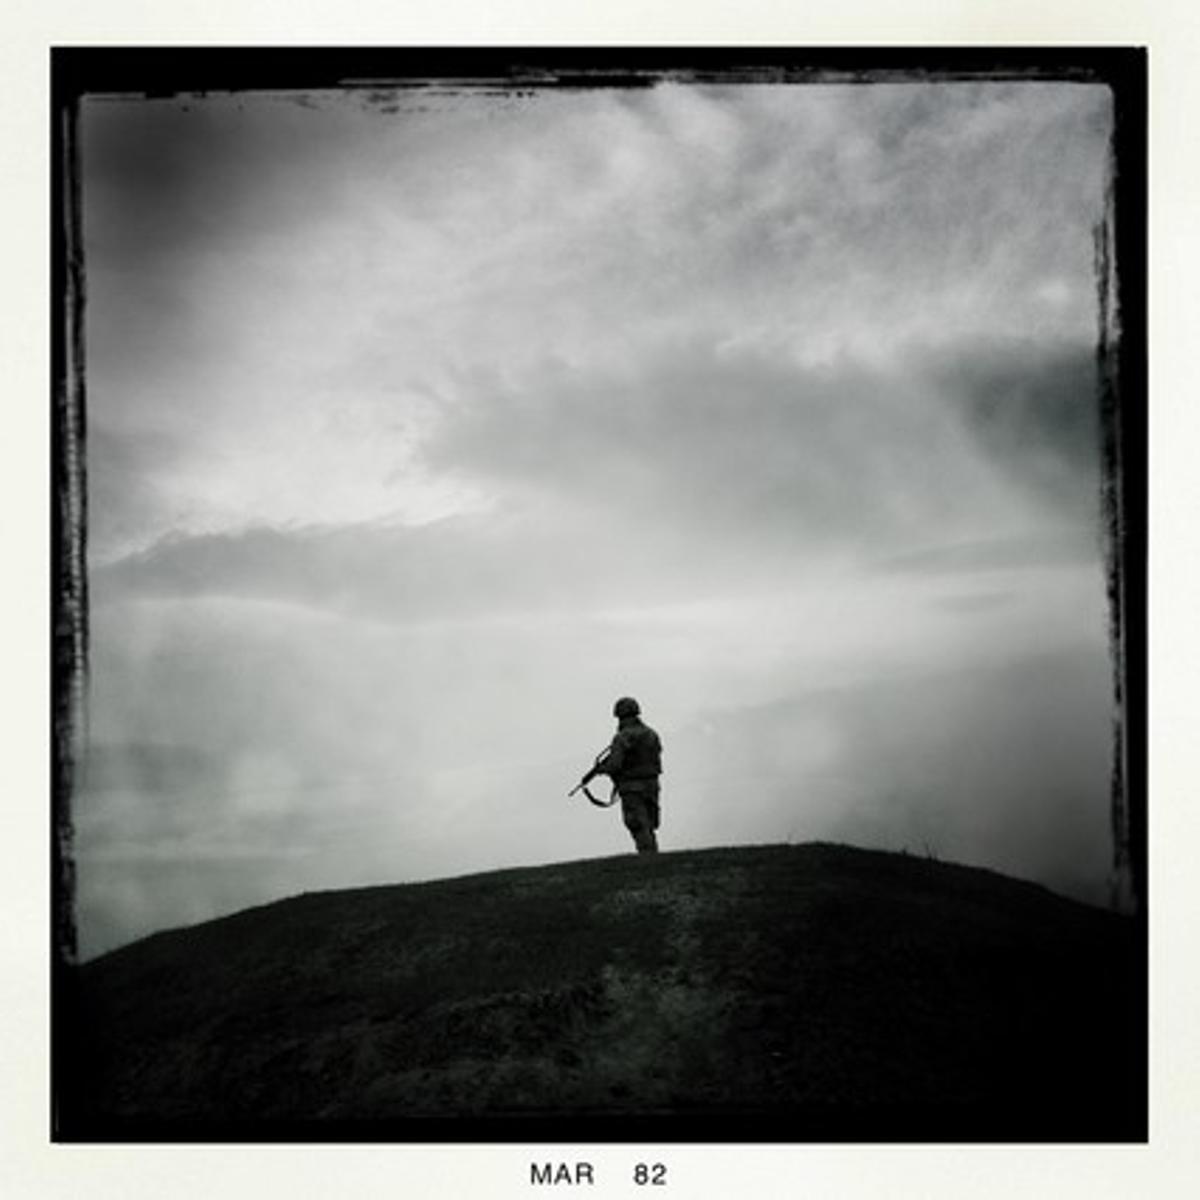 Un soldat, a la vallde Muqur, a uns 35 quilòmetres de Qala i Naw.